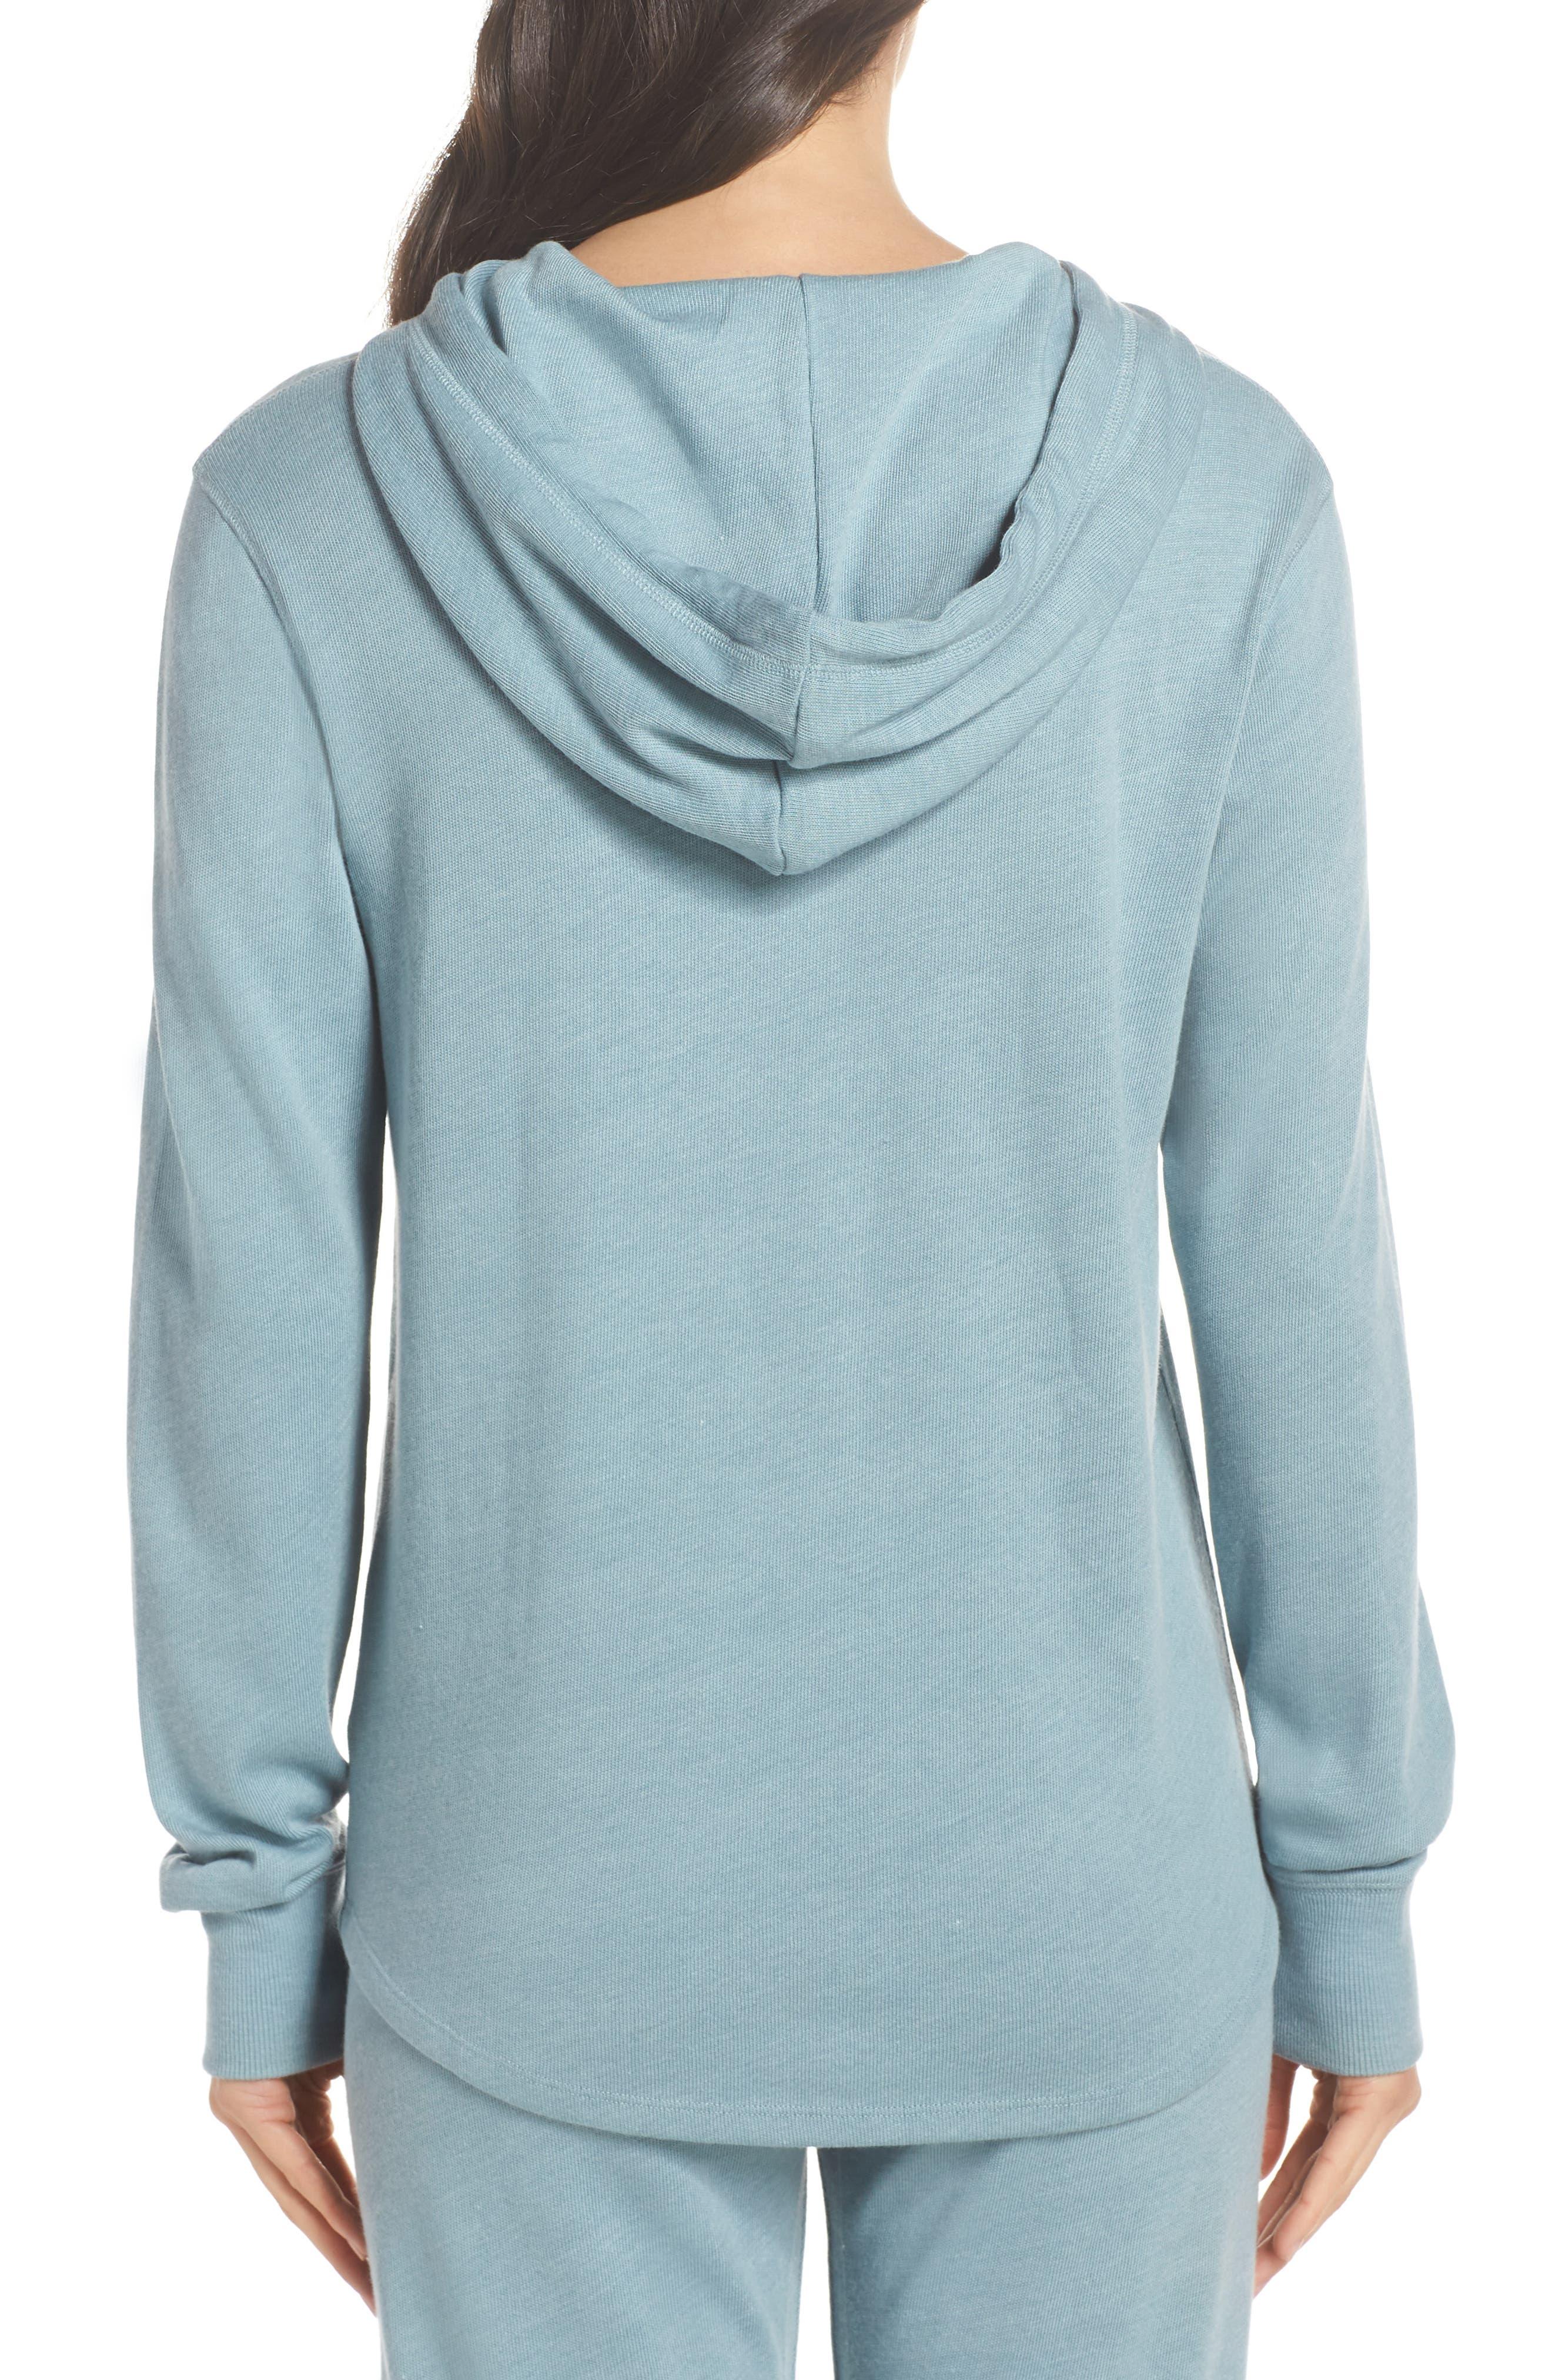 75a8f18f3cb8 Alternative Apparel  Clothing